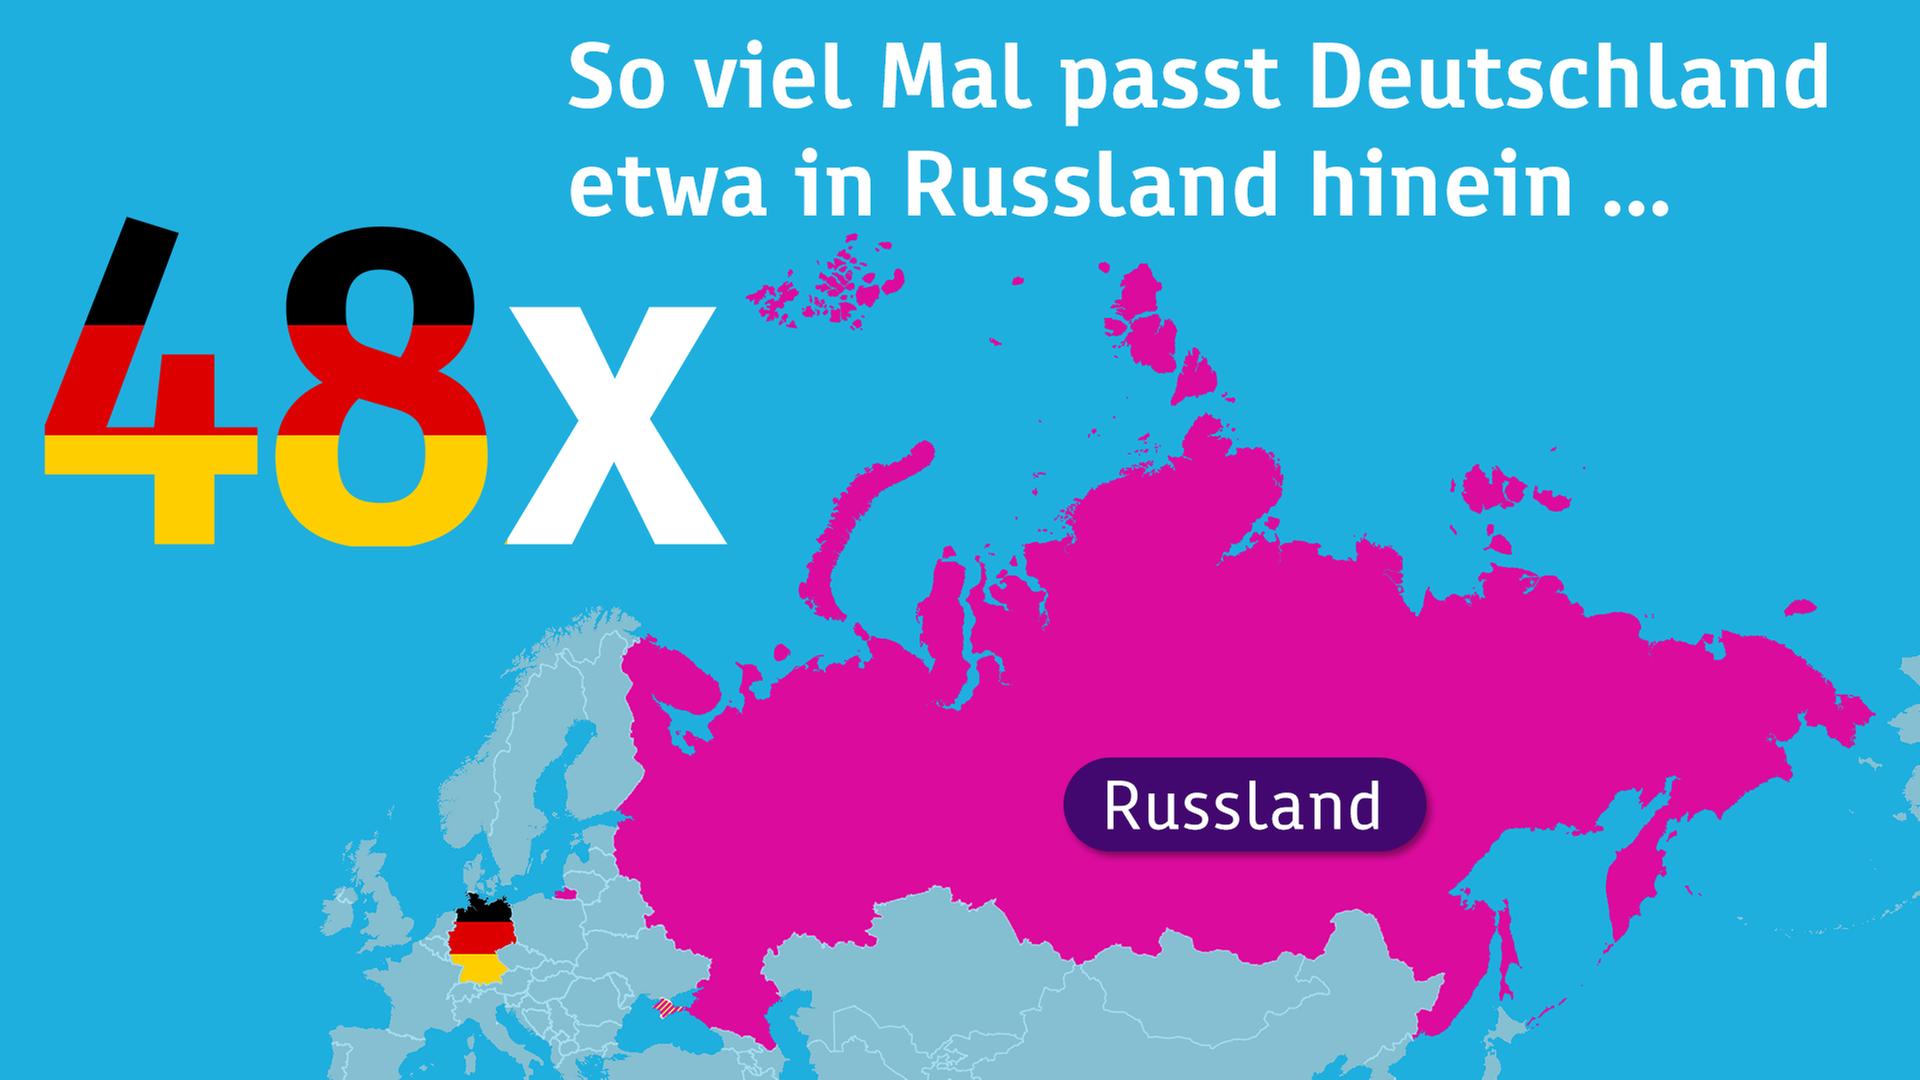 www russland de